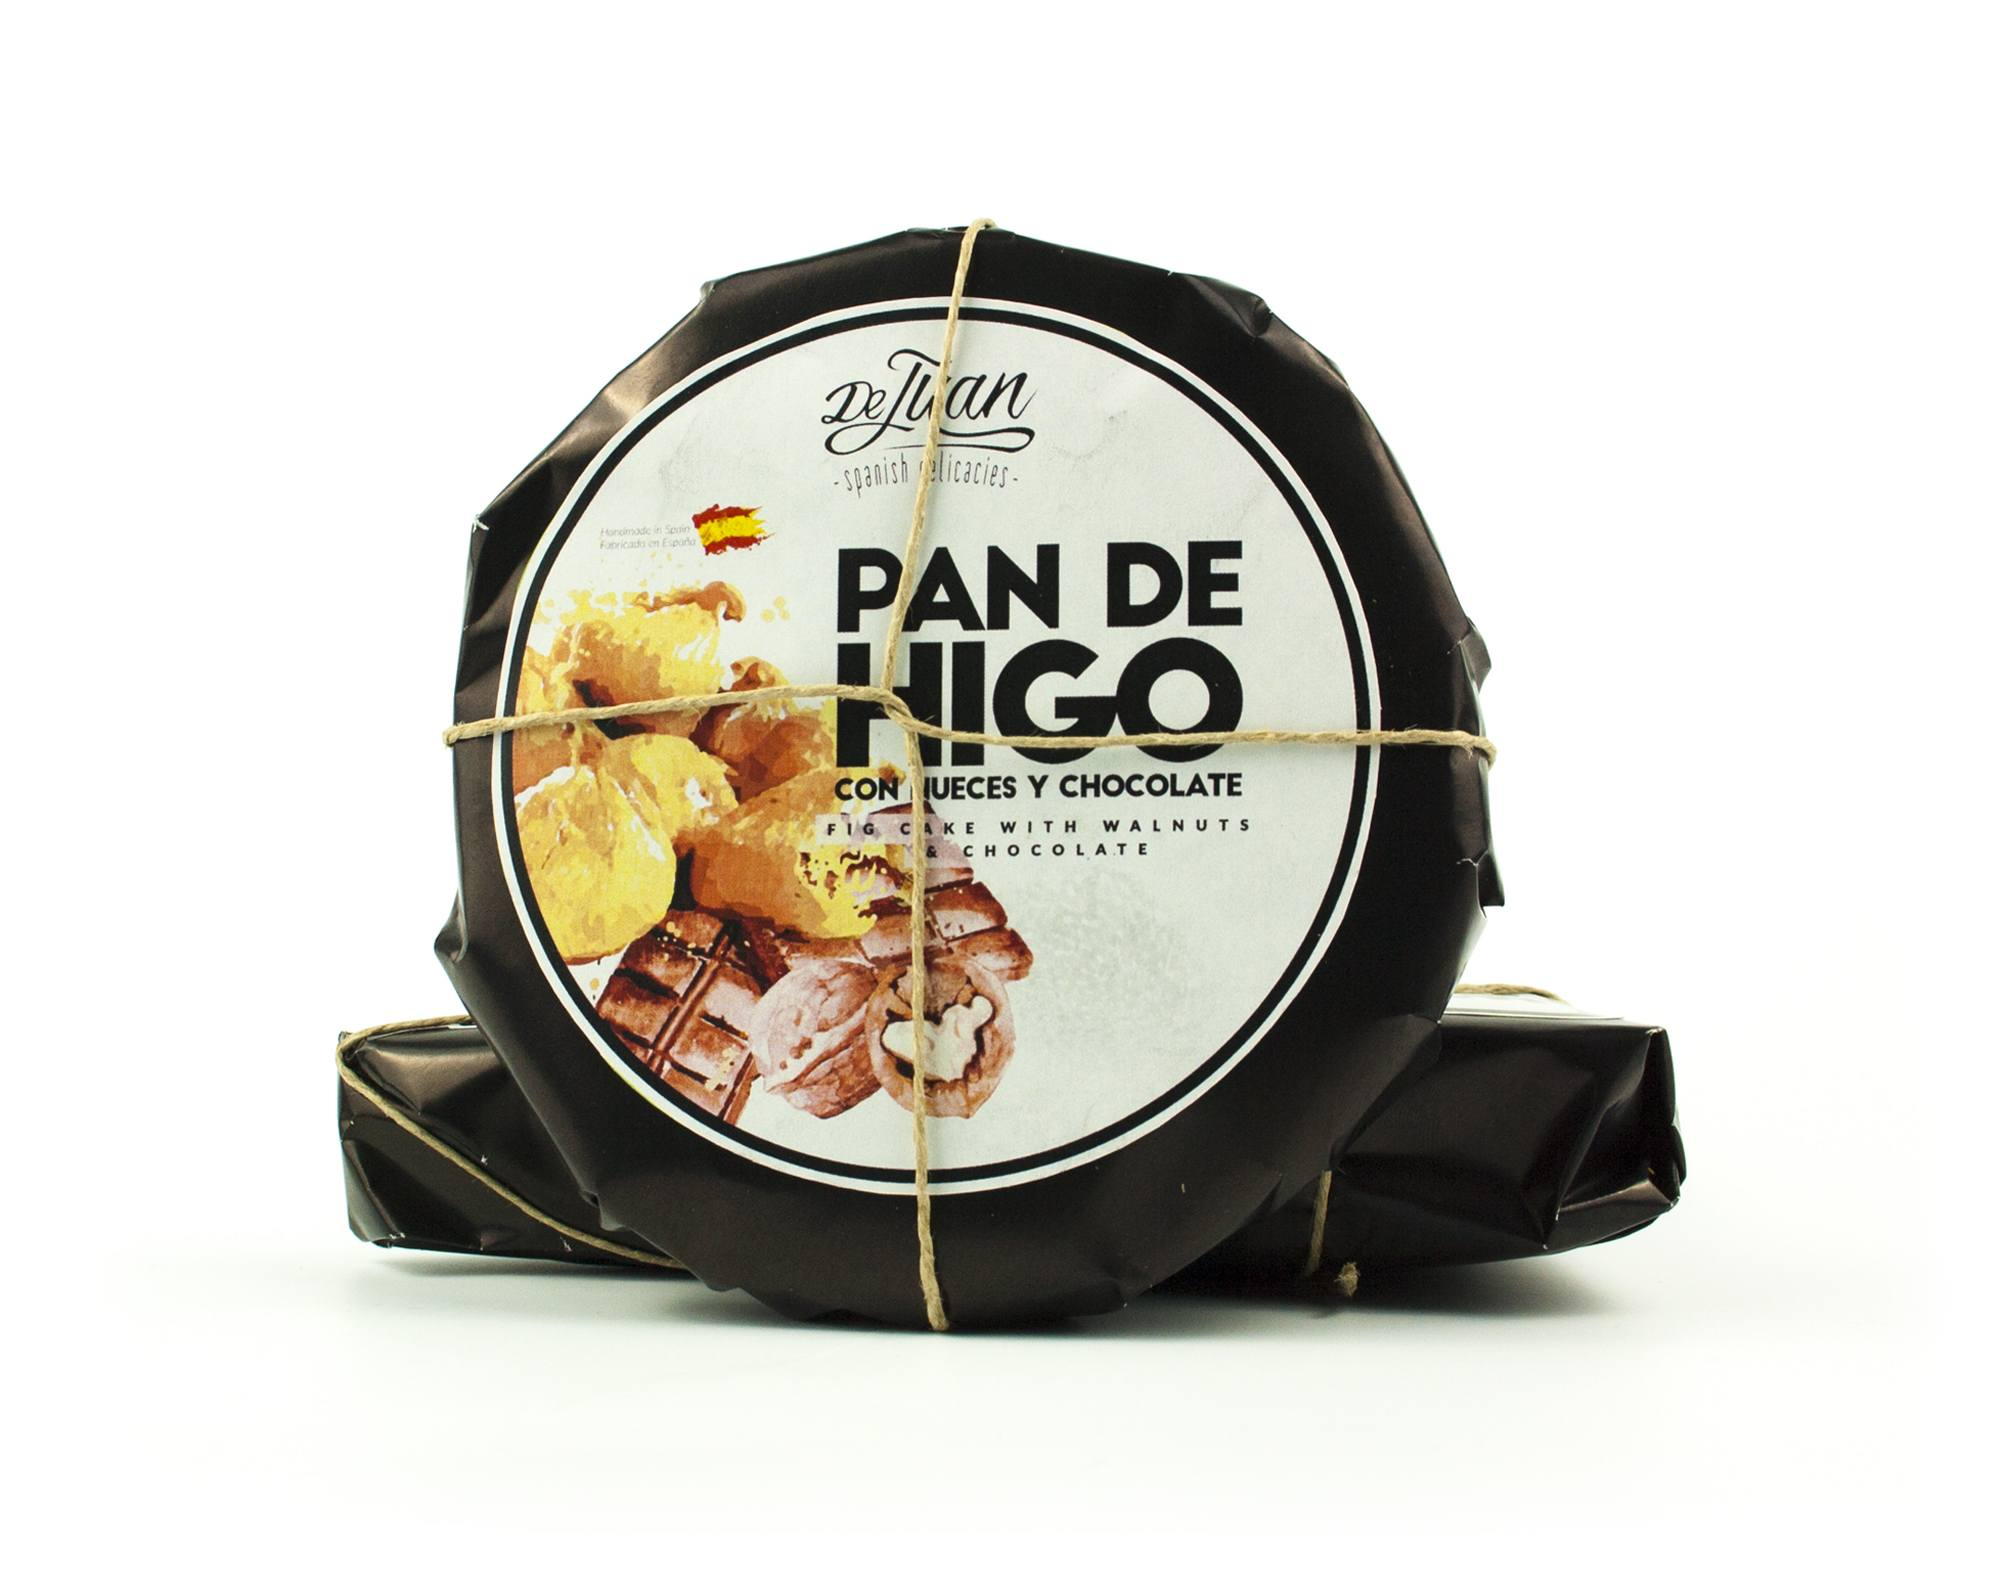 Pan de Higo con Nueces y Chocolate Gourmet